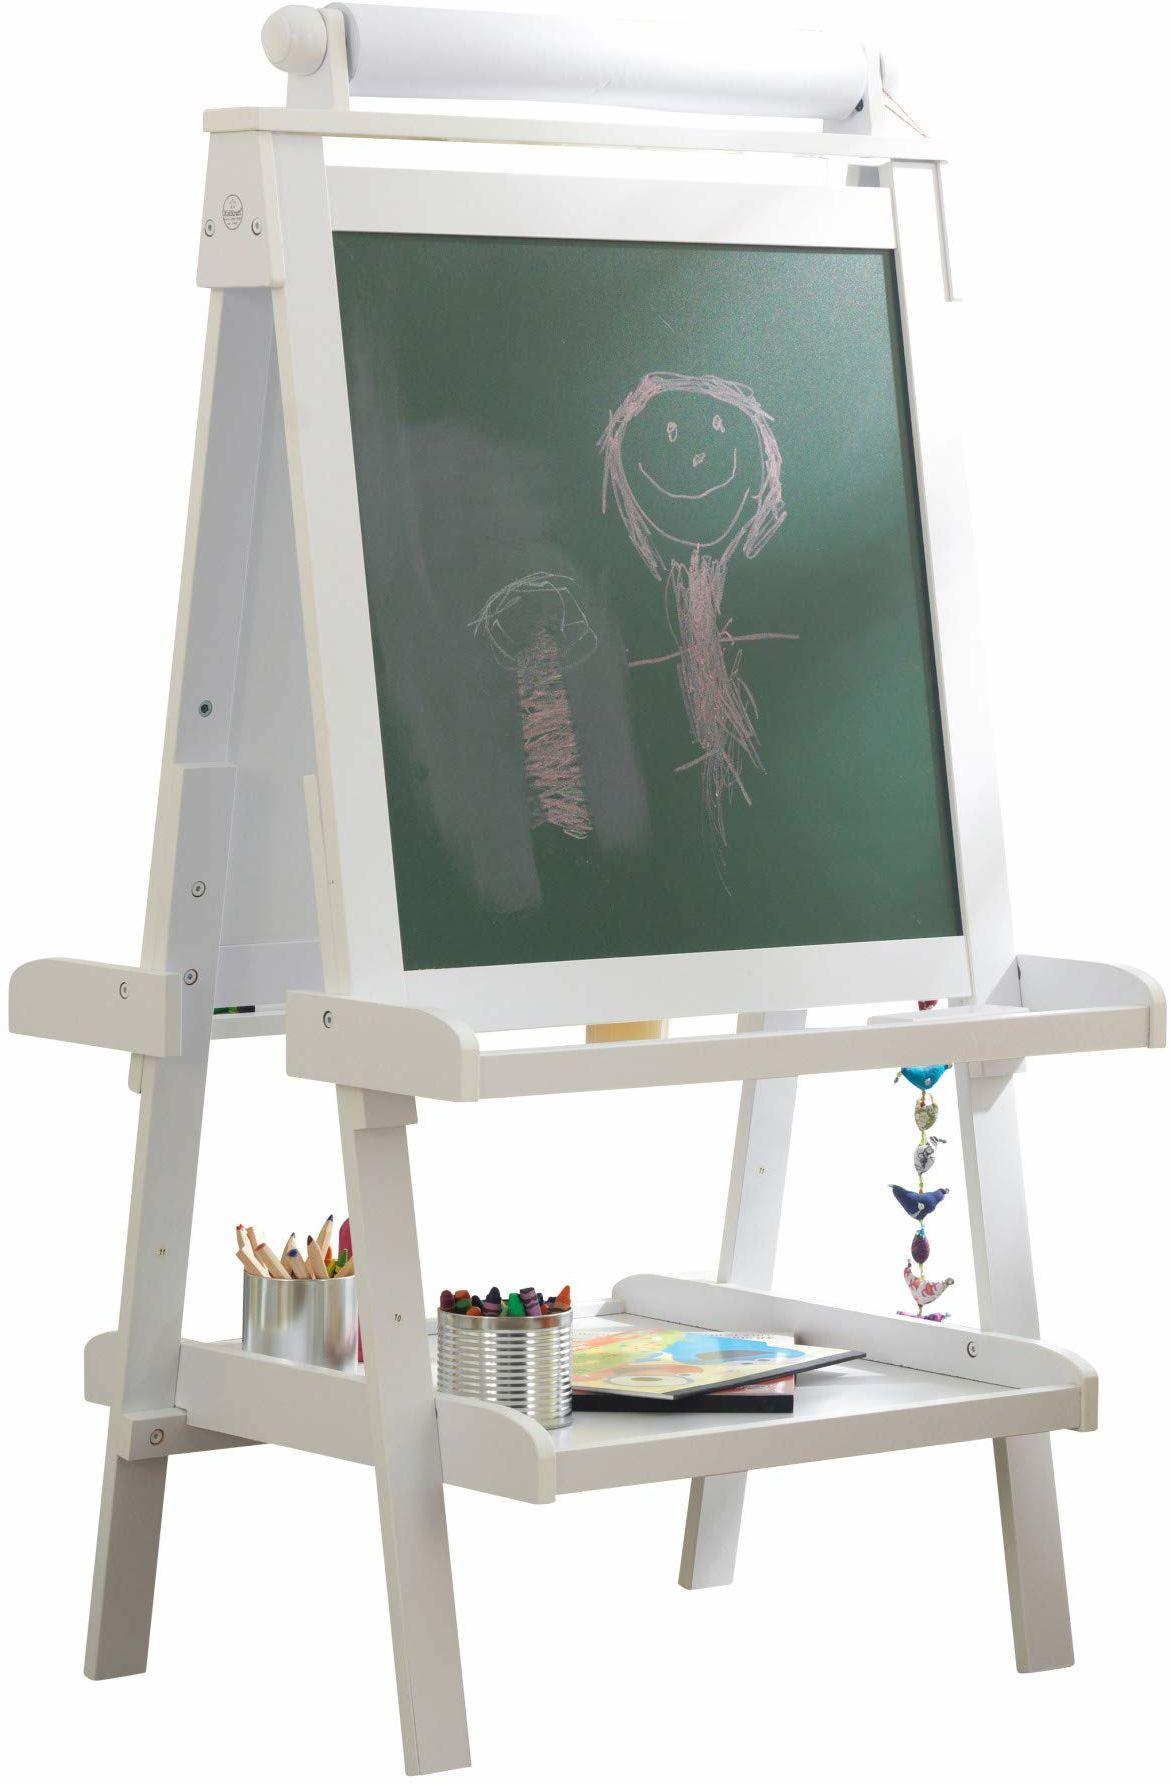 KidKraft 62040 drewniana sztaluga dla dzieci z rolką papierową, współpracuje z ołówkami, markerami, kredą, farbą i innymi, biała